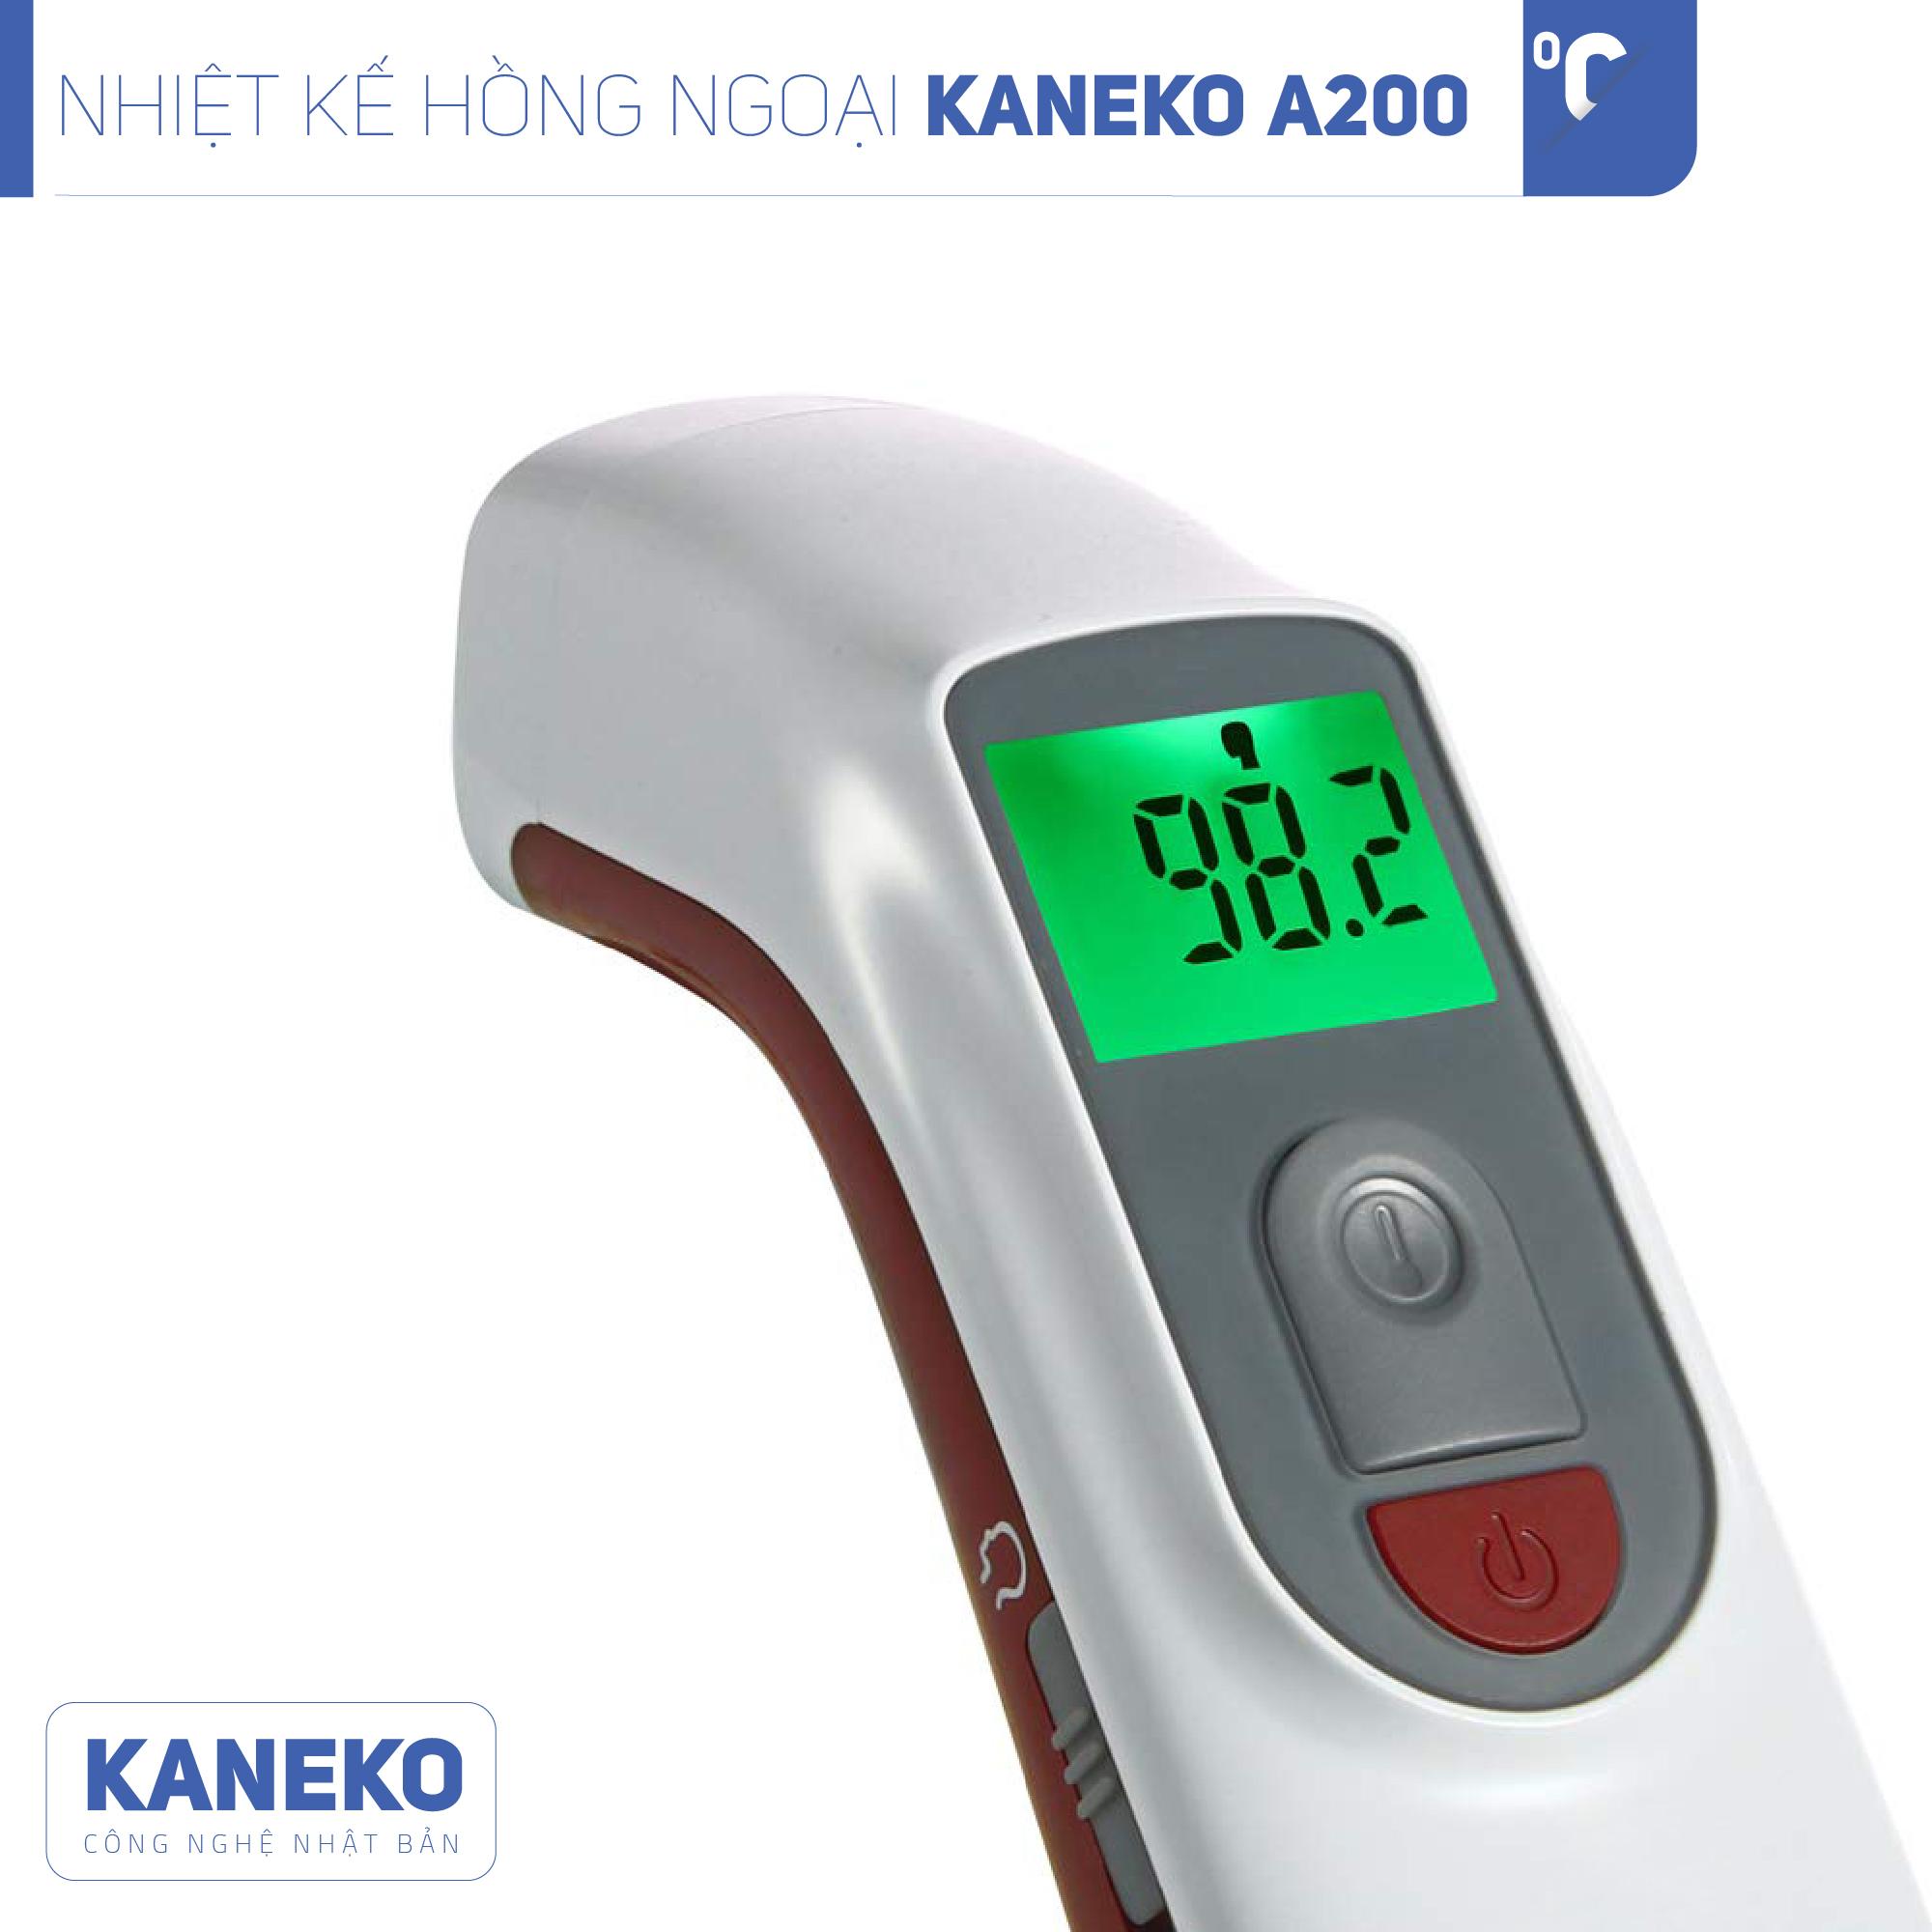 Nhiệt kế hồng ngoại KANEKO A200,Nhiệt kế cầm tay,Nhiệt kế đo trán,Nhiệt kế điện tử,Nhiệt kế đo độ sữa,Nhiệt kế đo nhiệt độ dành cho trẻ em,Máy đo thân nhiệt